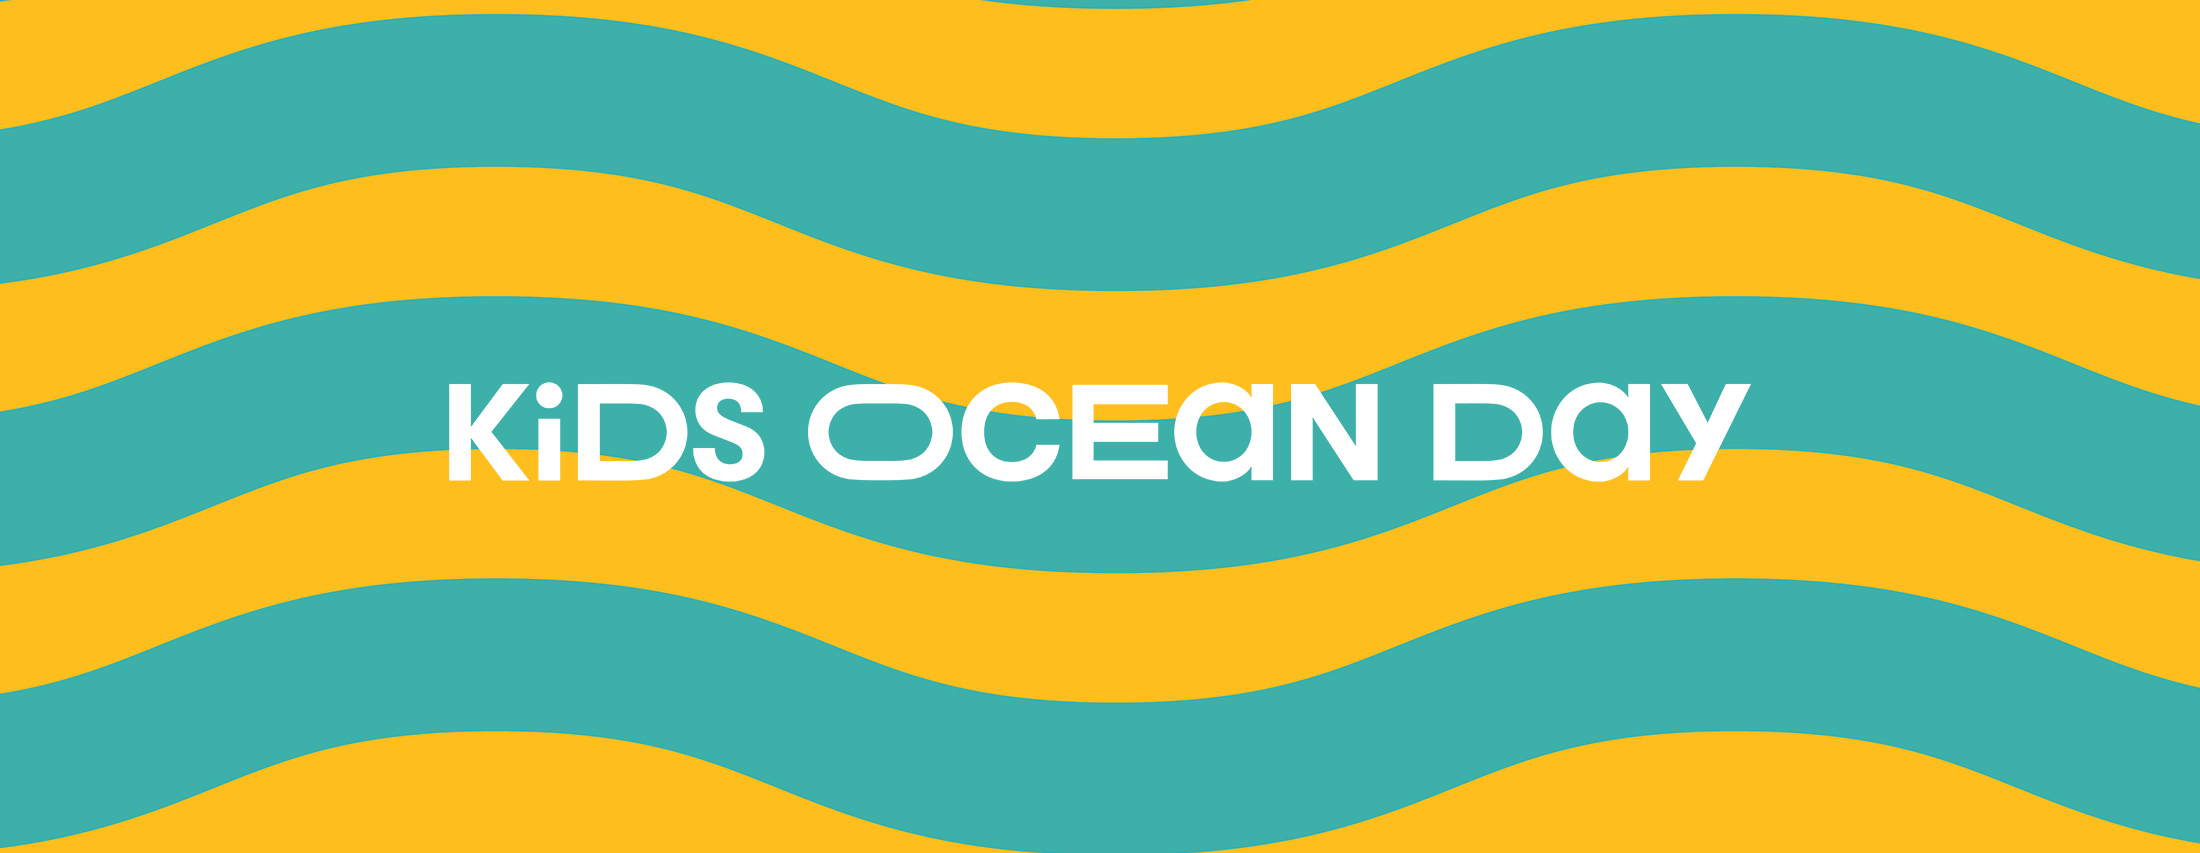 Kids Ocean Day Branding